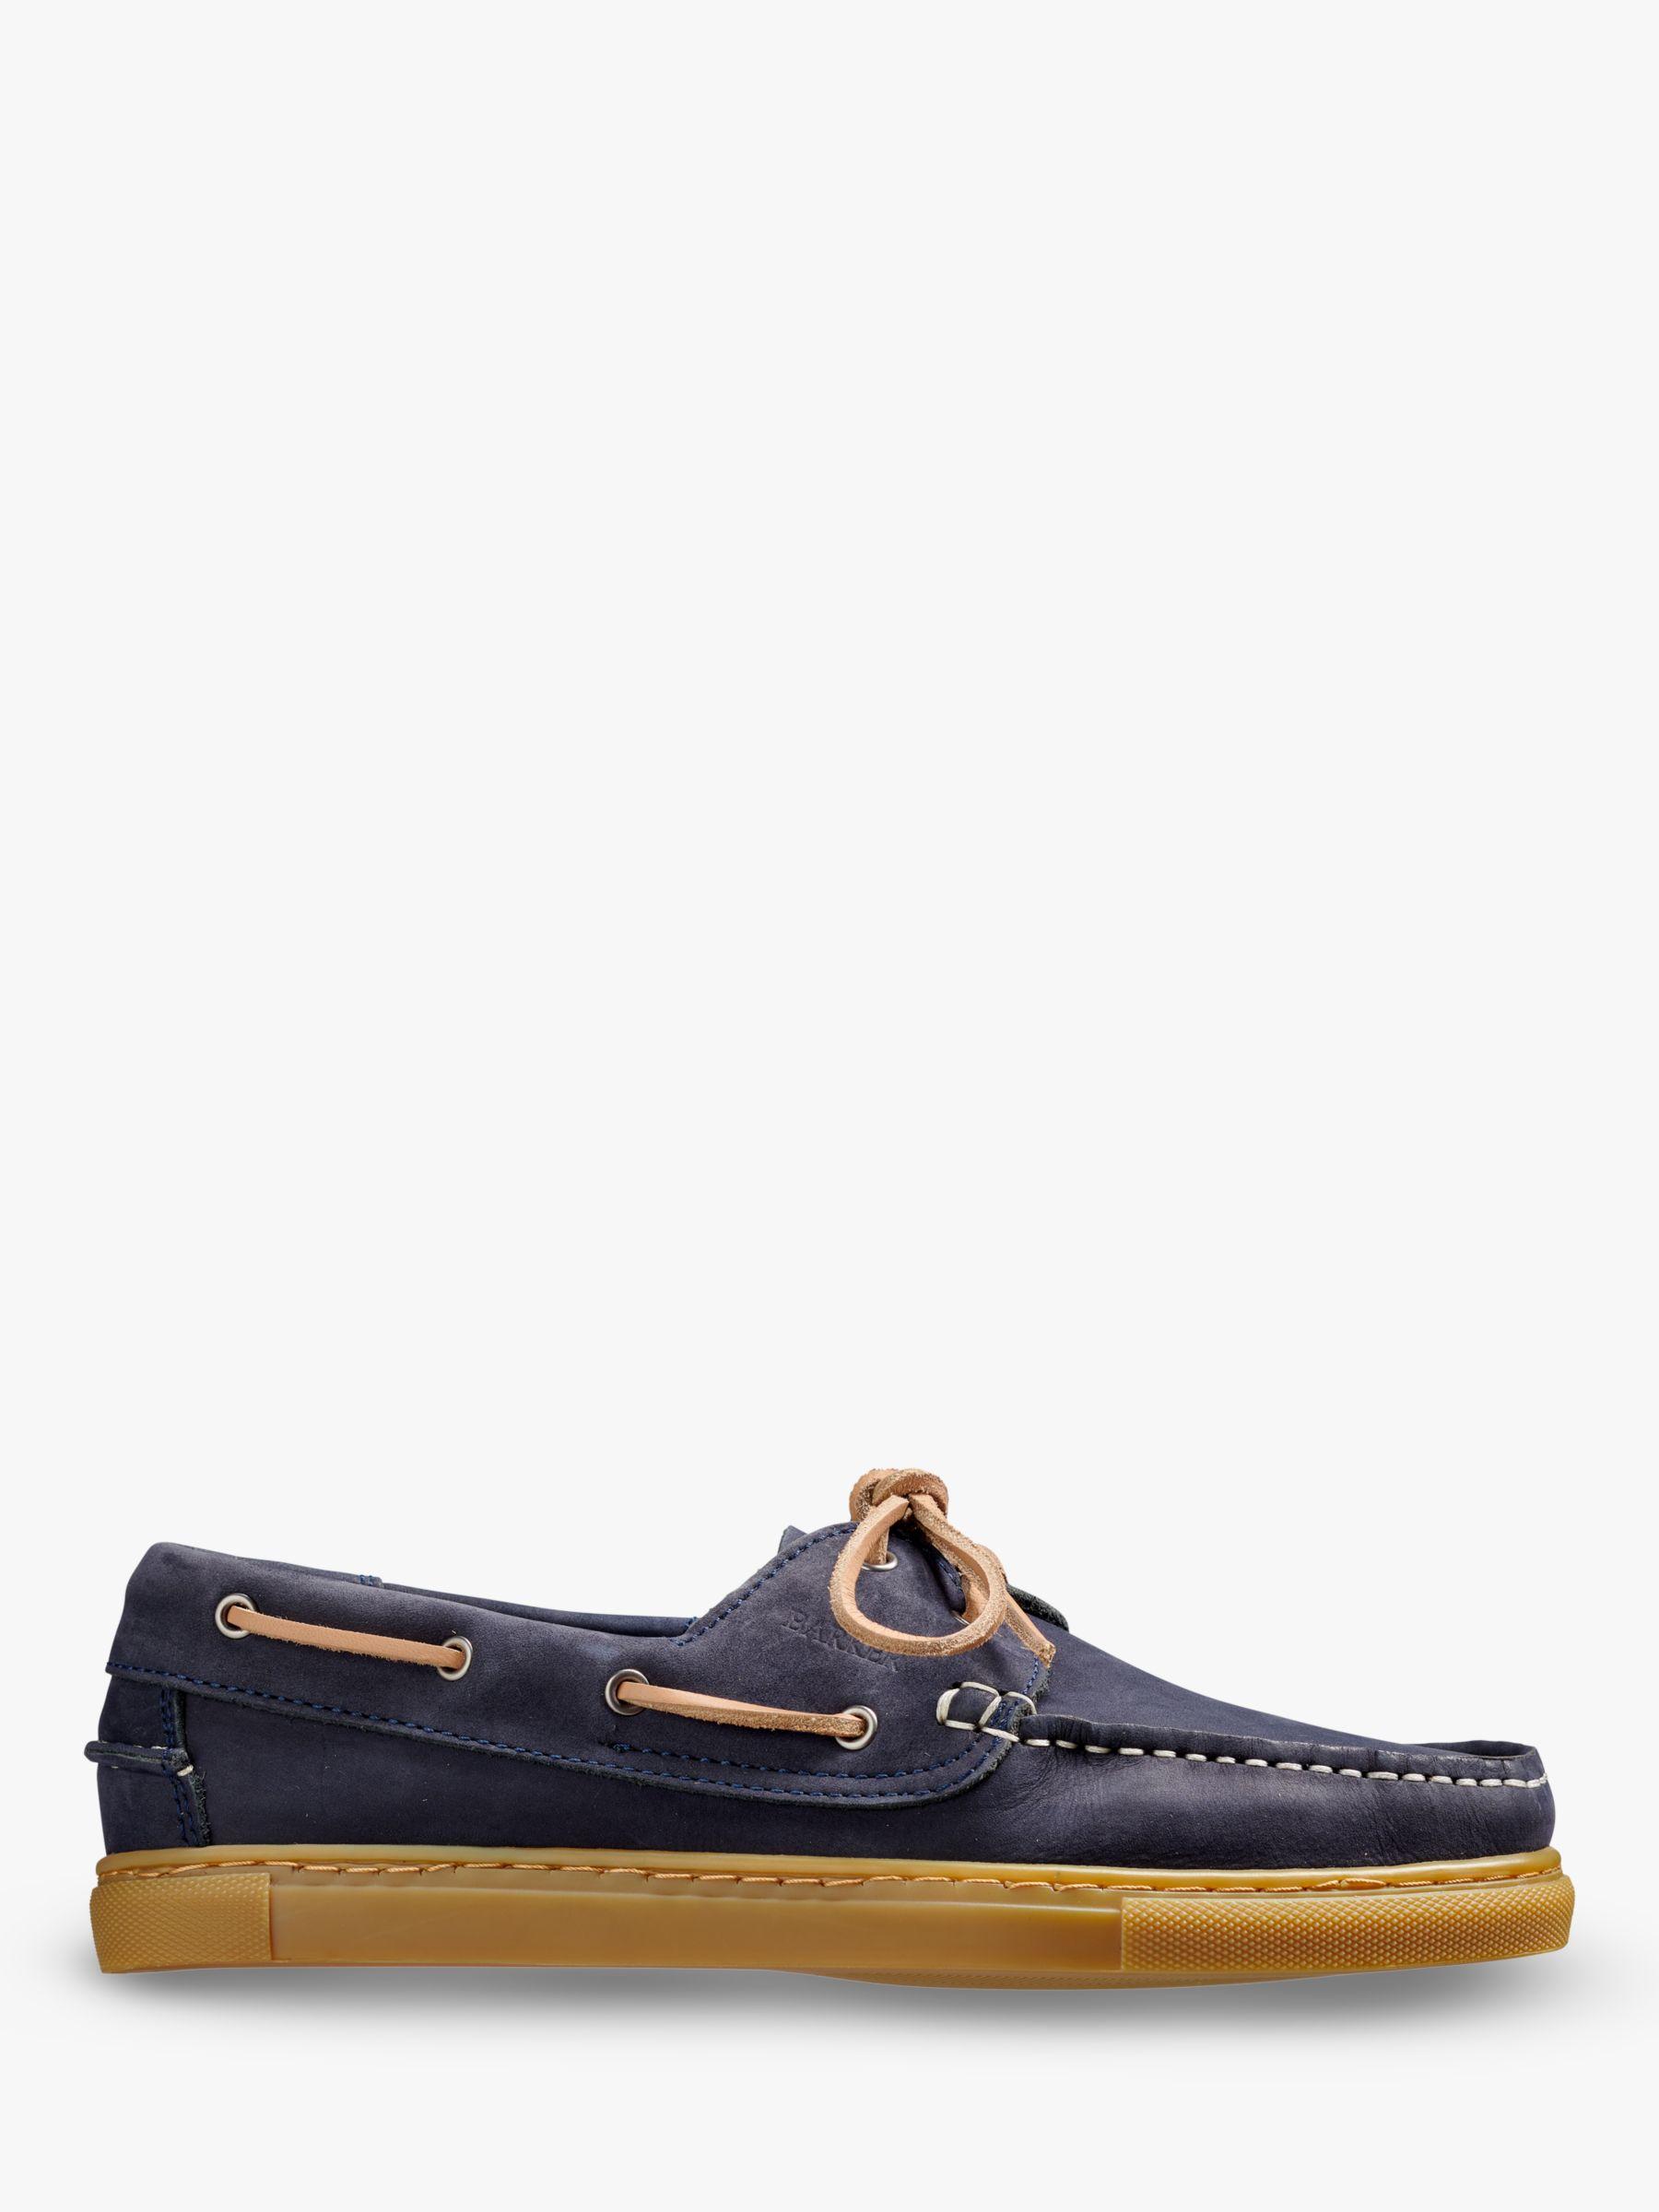 Barker Barker Henri Leather Boat Shoes